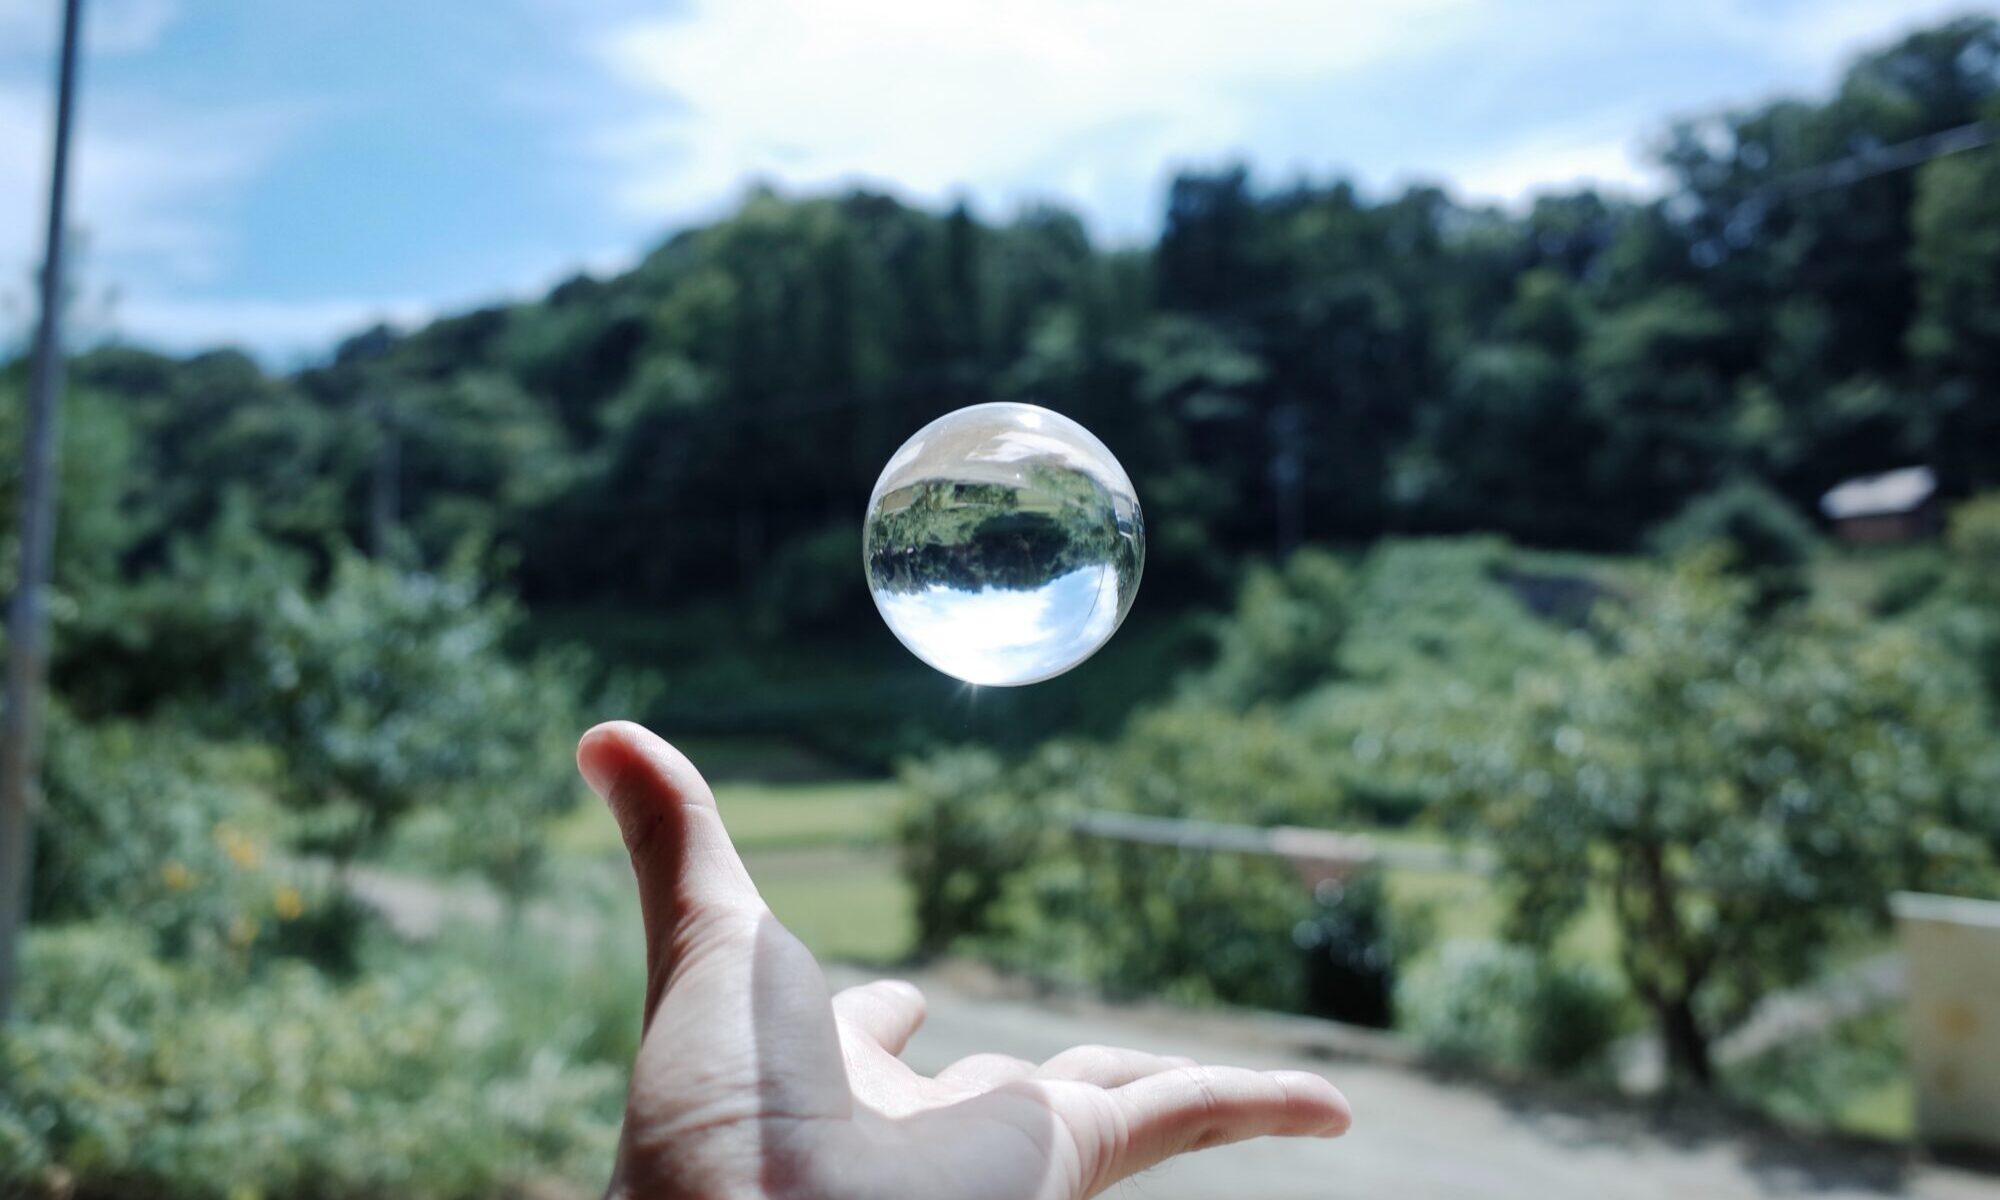 手と水晶玉